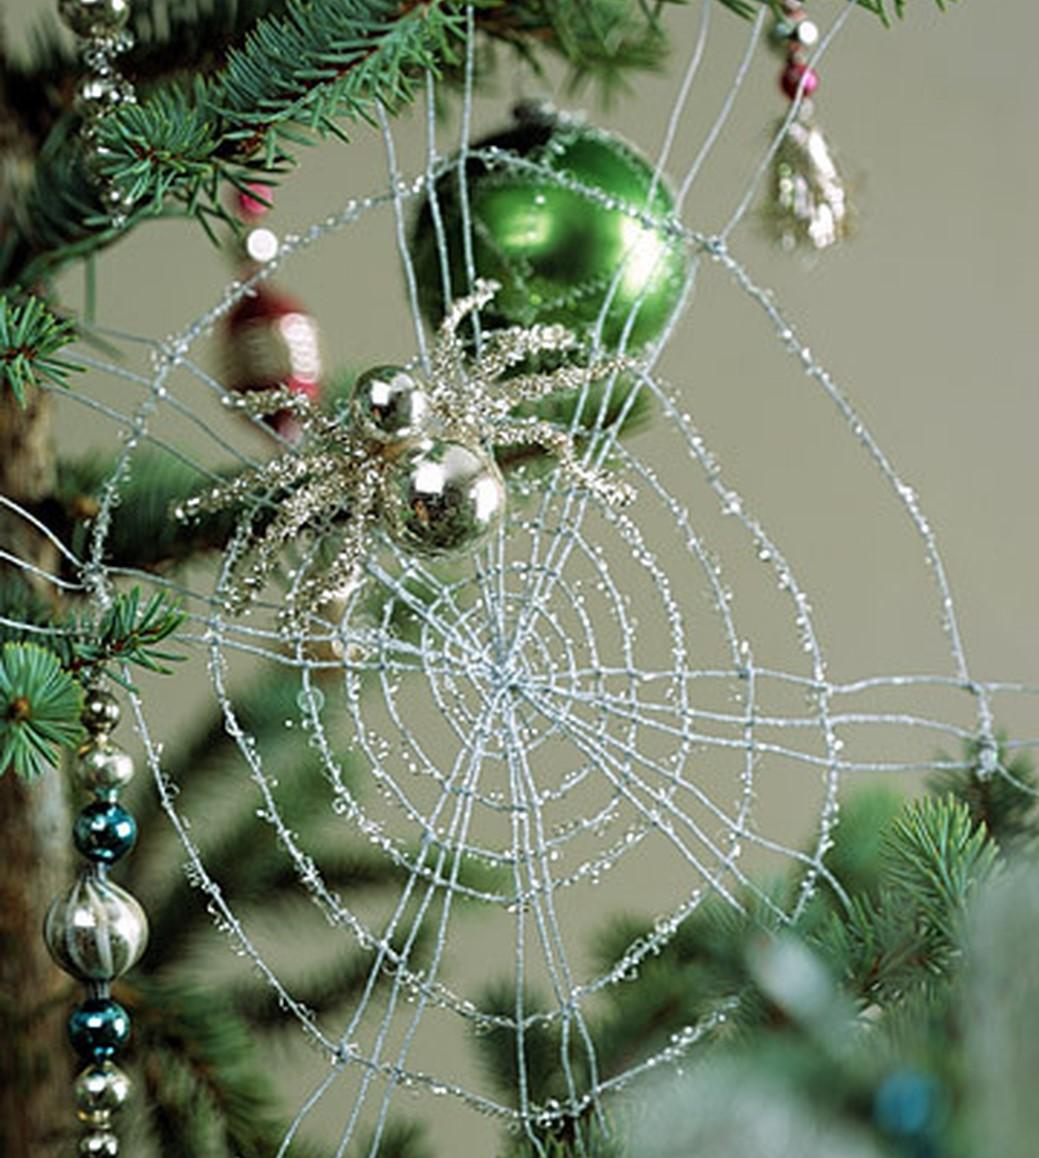 cuentos de Navidad cortos - La leyenda de la araña de Navidad